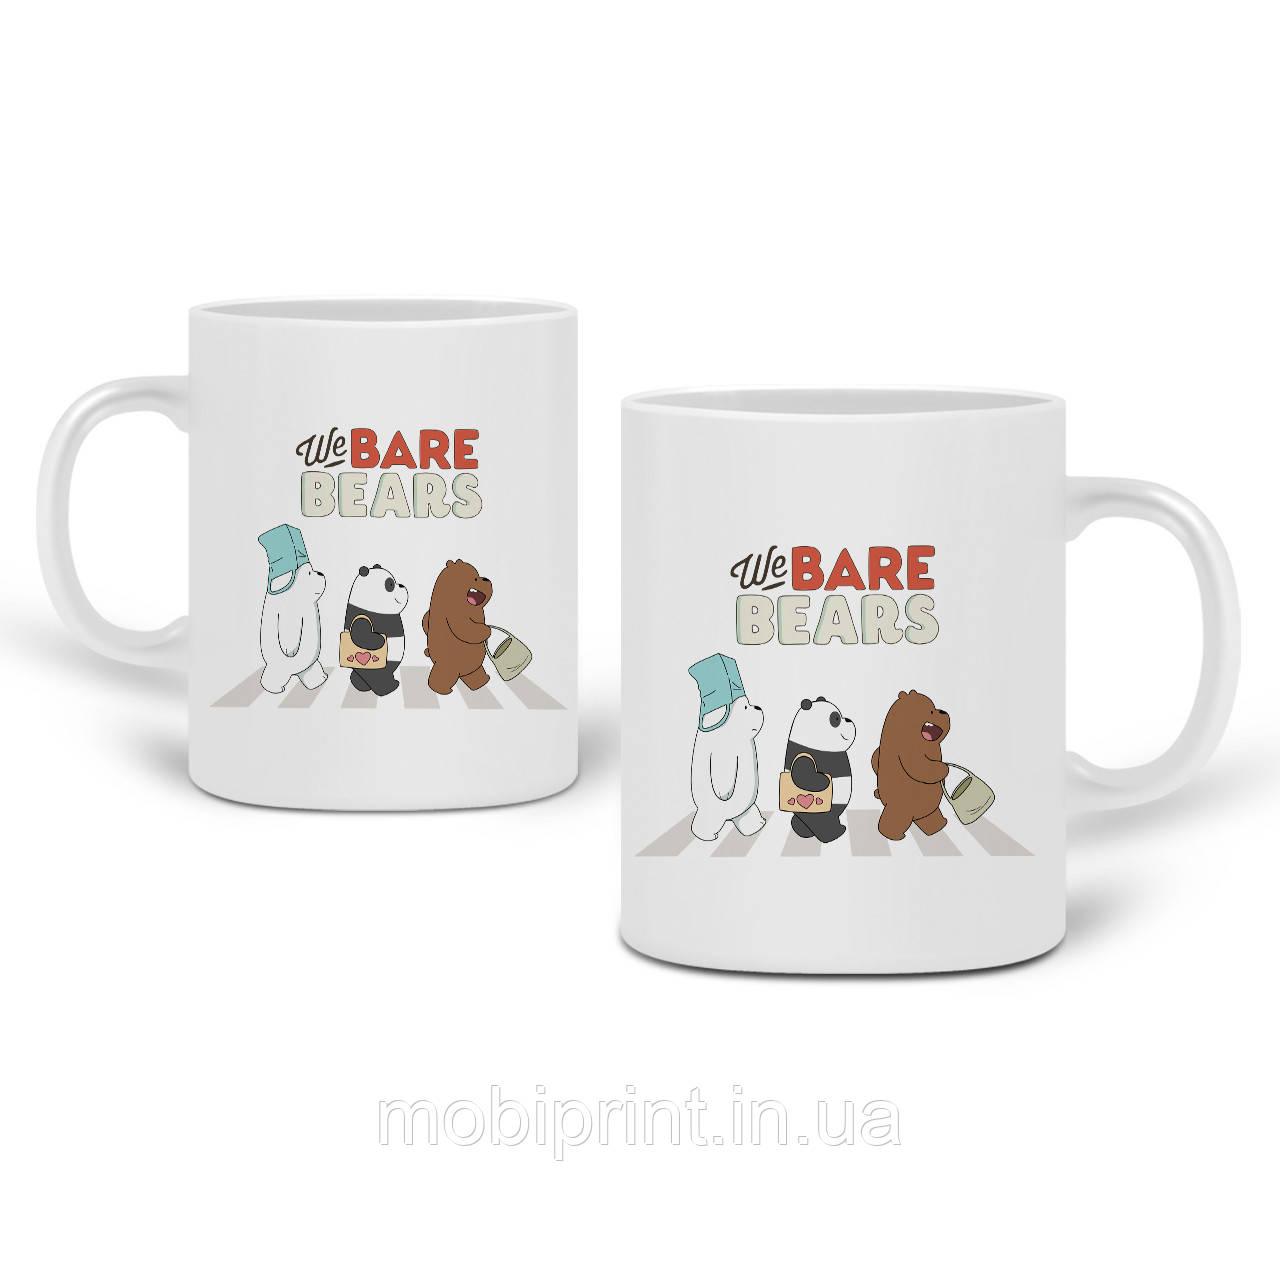 Кружка Вся правда о медведях (We Bare Bears) 330 мл Чашка Керамическая (20259-2666)